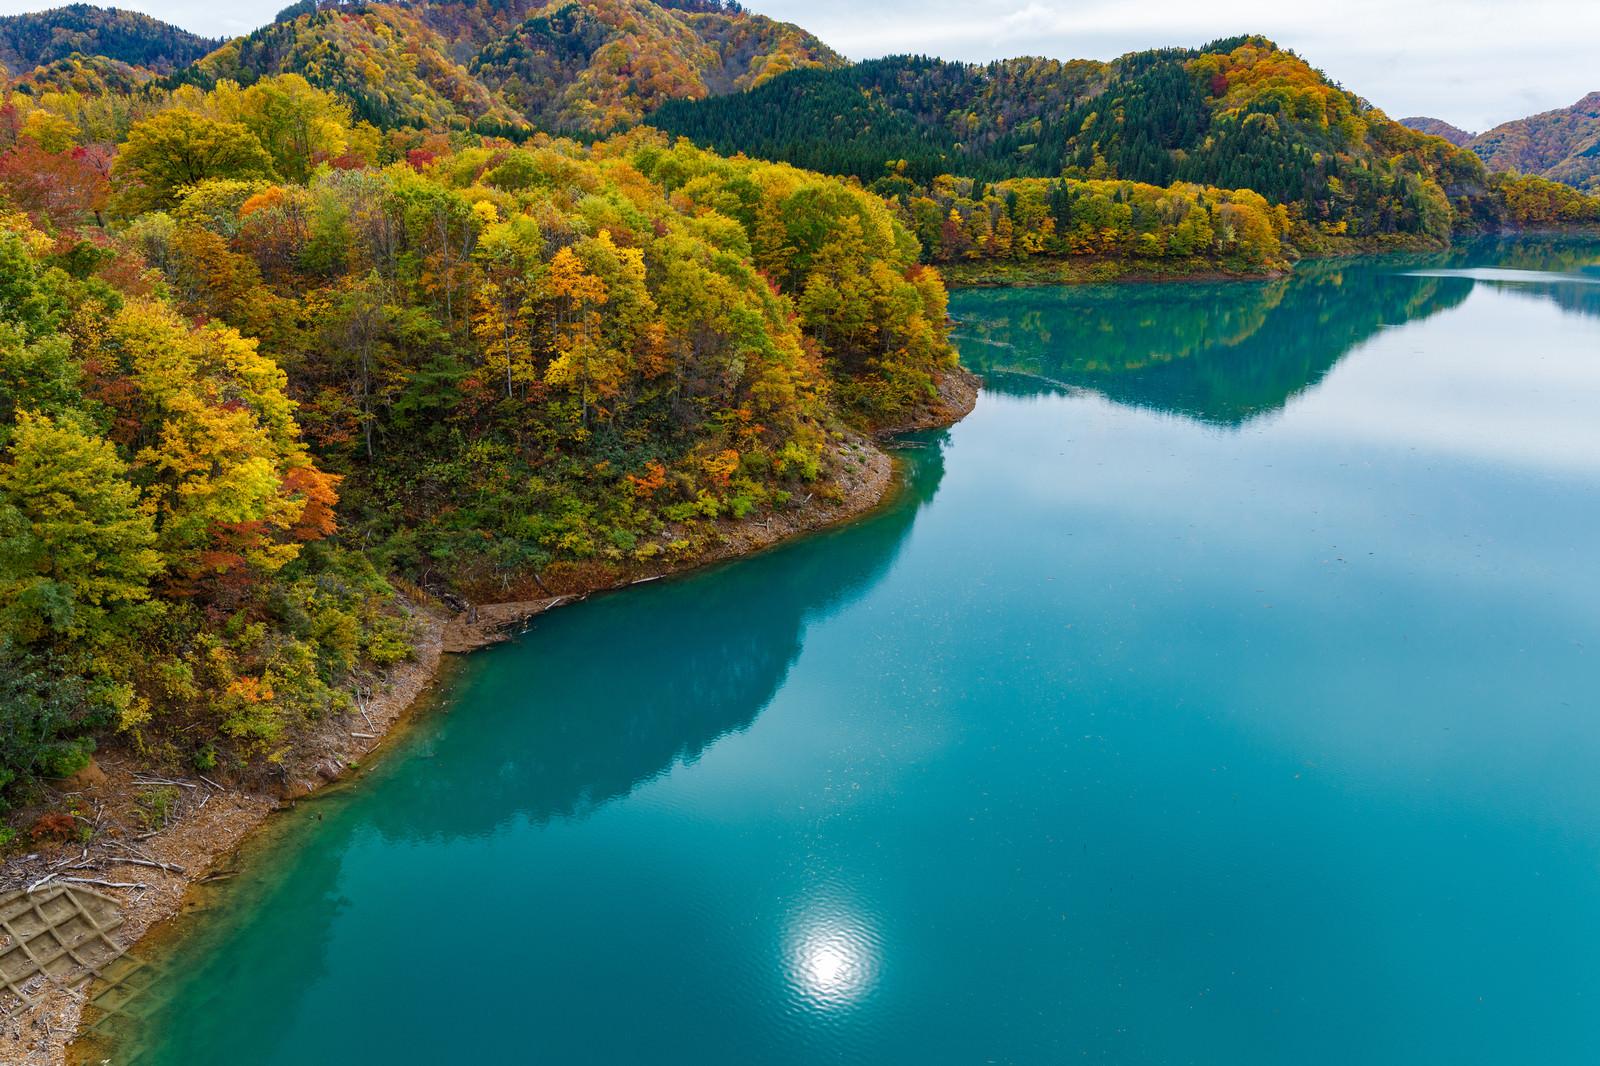 「ダム湖に反射する太陽(紅葉時期)ダム湖に反射する太陽(紅葉時期)」のフリー写真素材を拡大